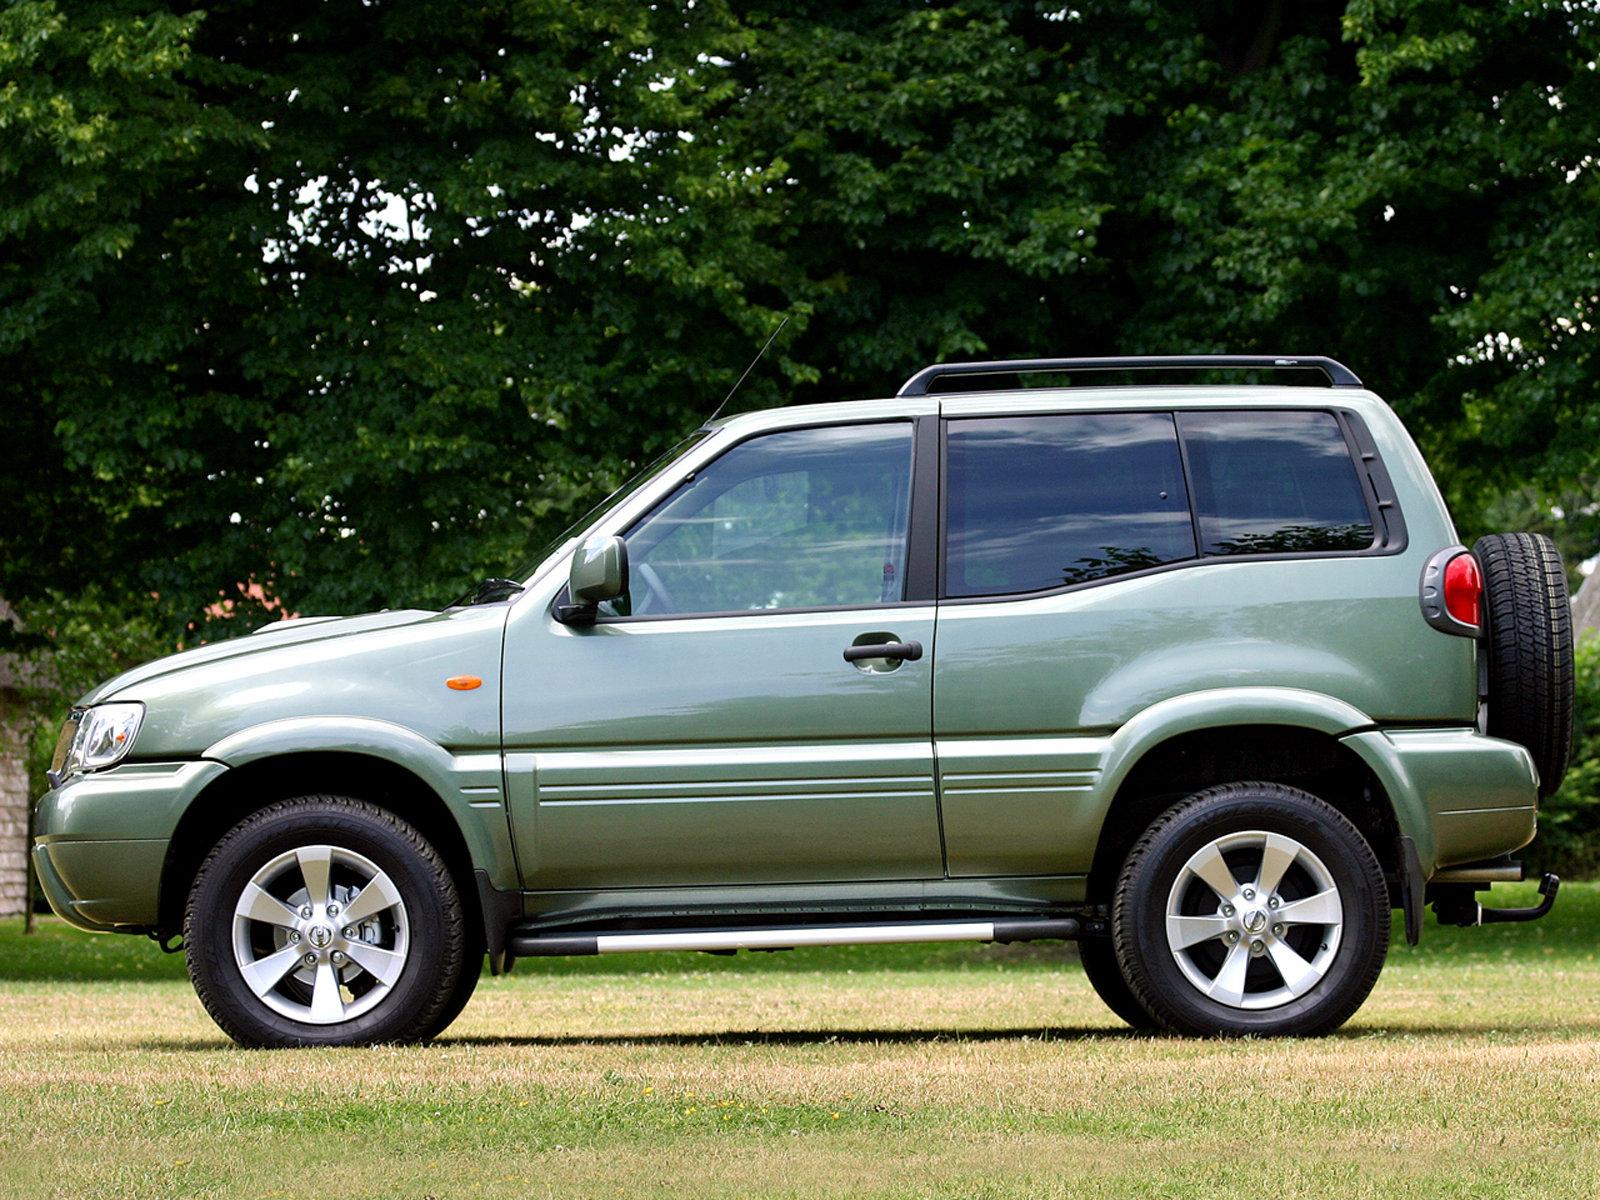 Nissan (Ниссан) Terrano II 1996-2000 г.